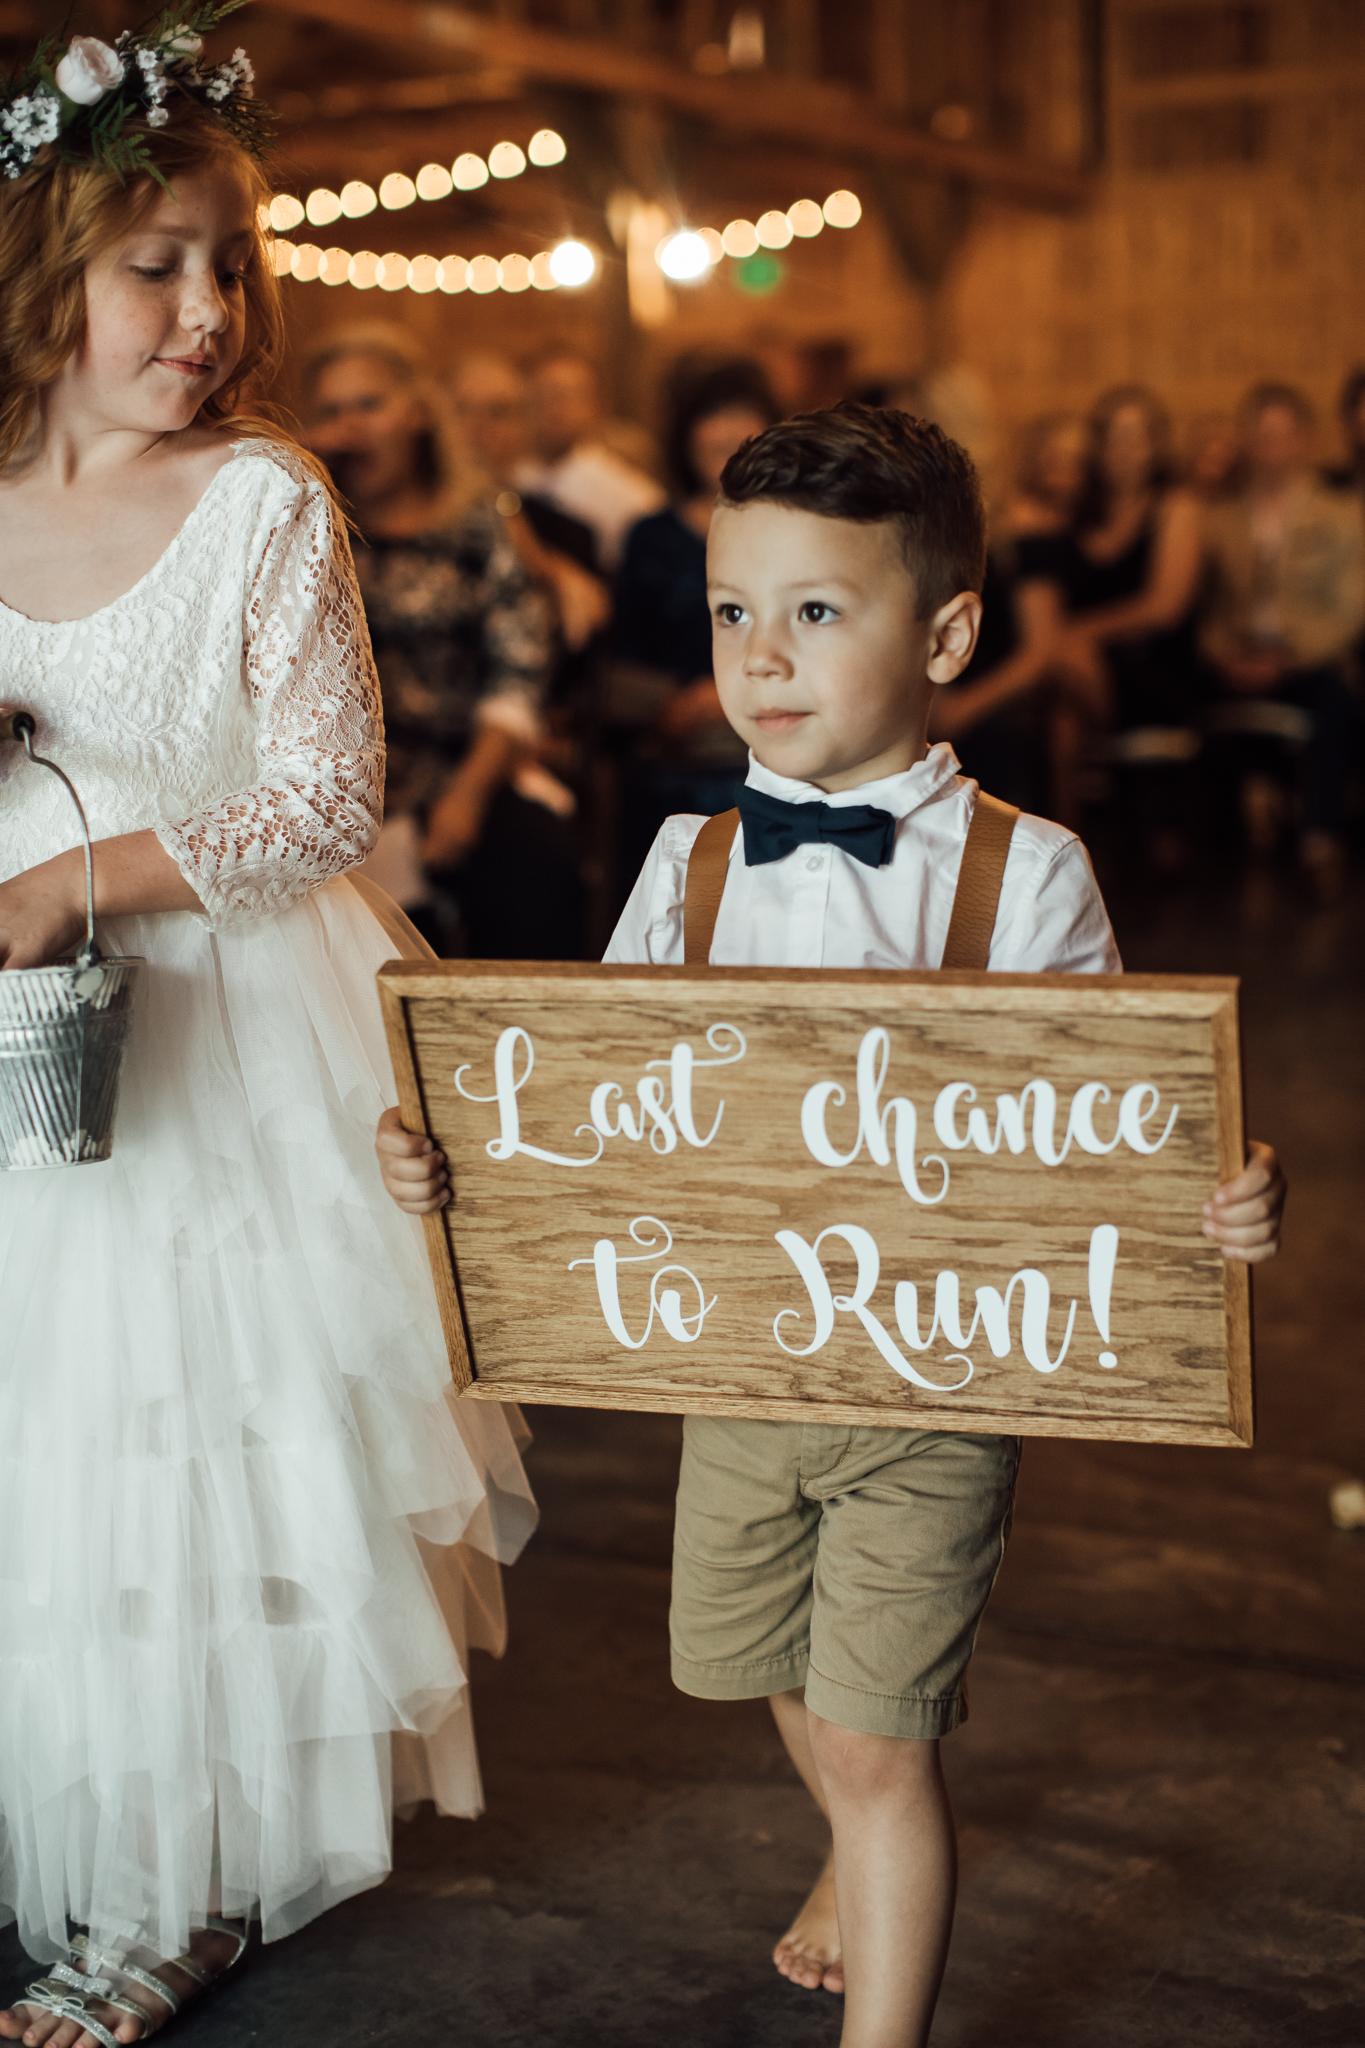 saddlewoodsfarms-nashville-wedding-photographer-thewarmtharoundyou-rustic-wedding (10 of 251).jpg